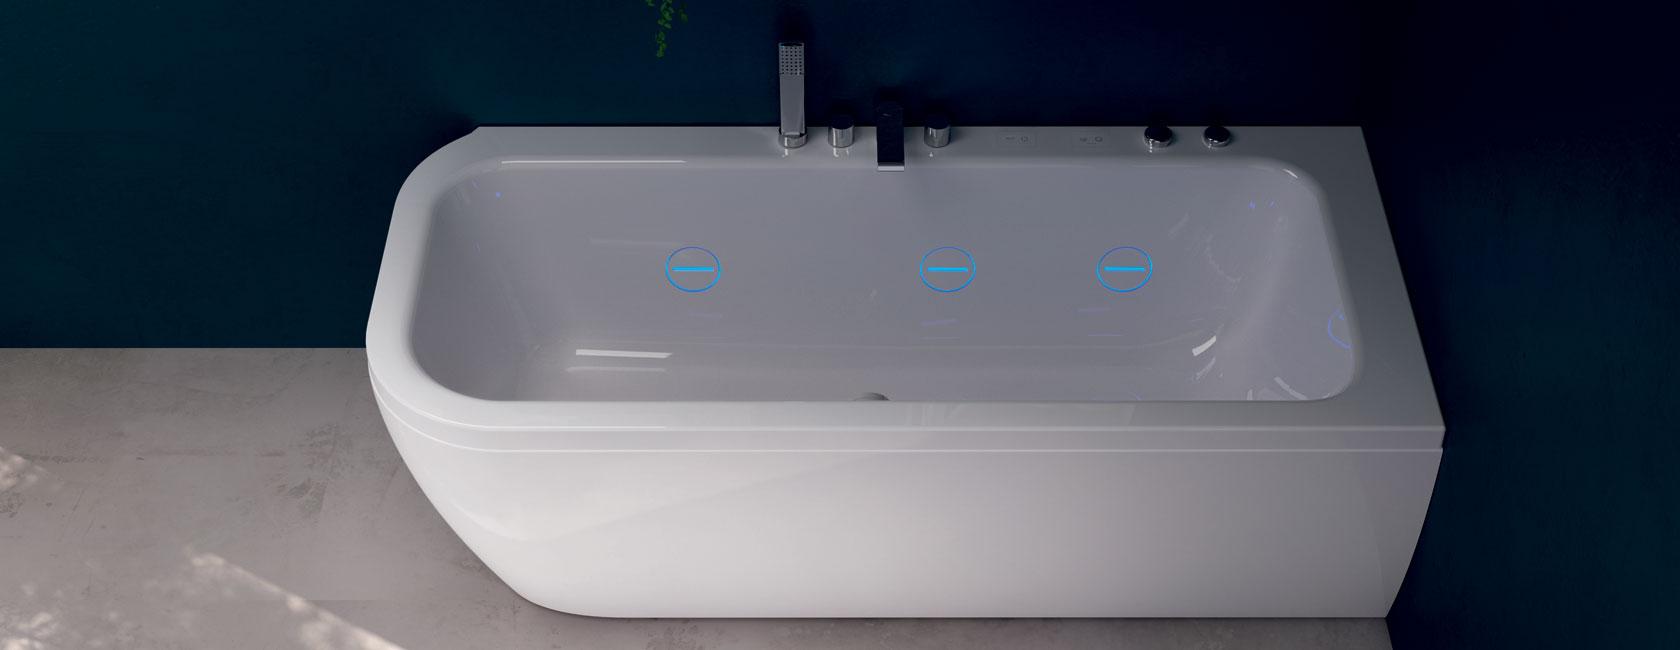 TEUCO Vasche da Bagno - Vasche da Bagno - Edilceramiche di Maccanò